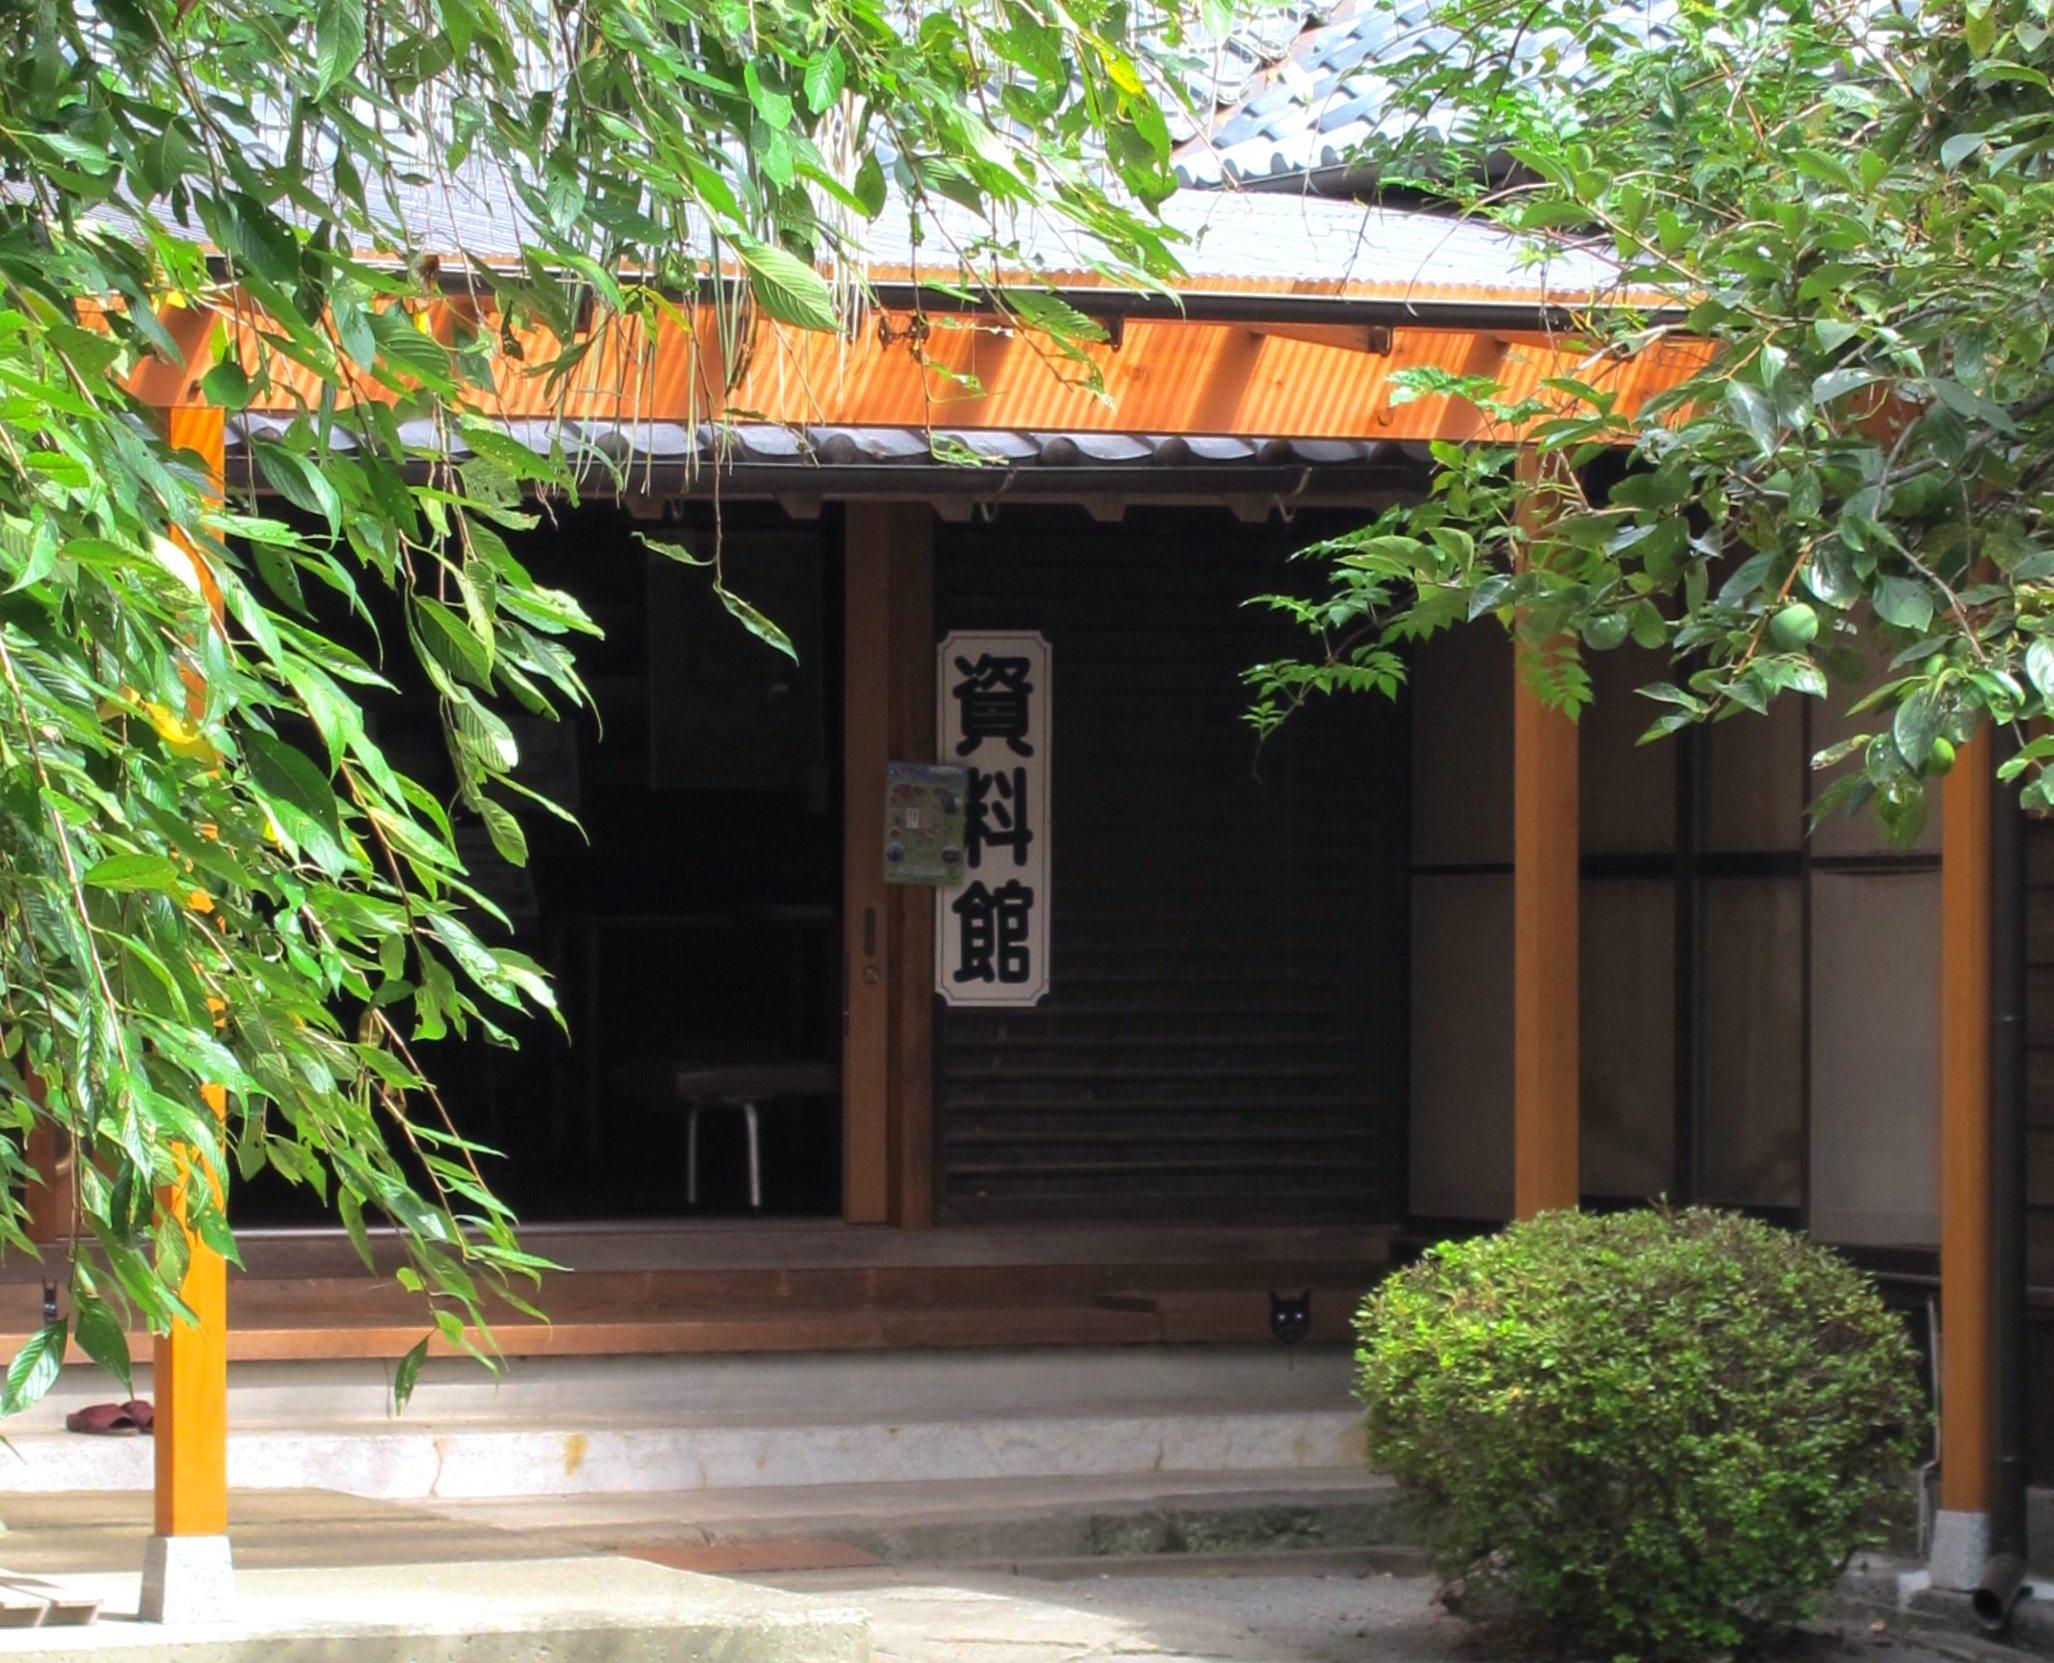 常盤歴史資料館(本光寺)